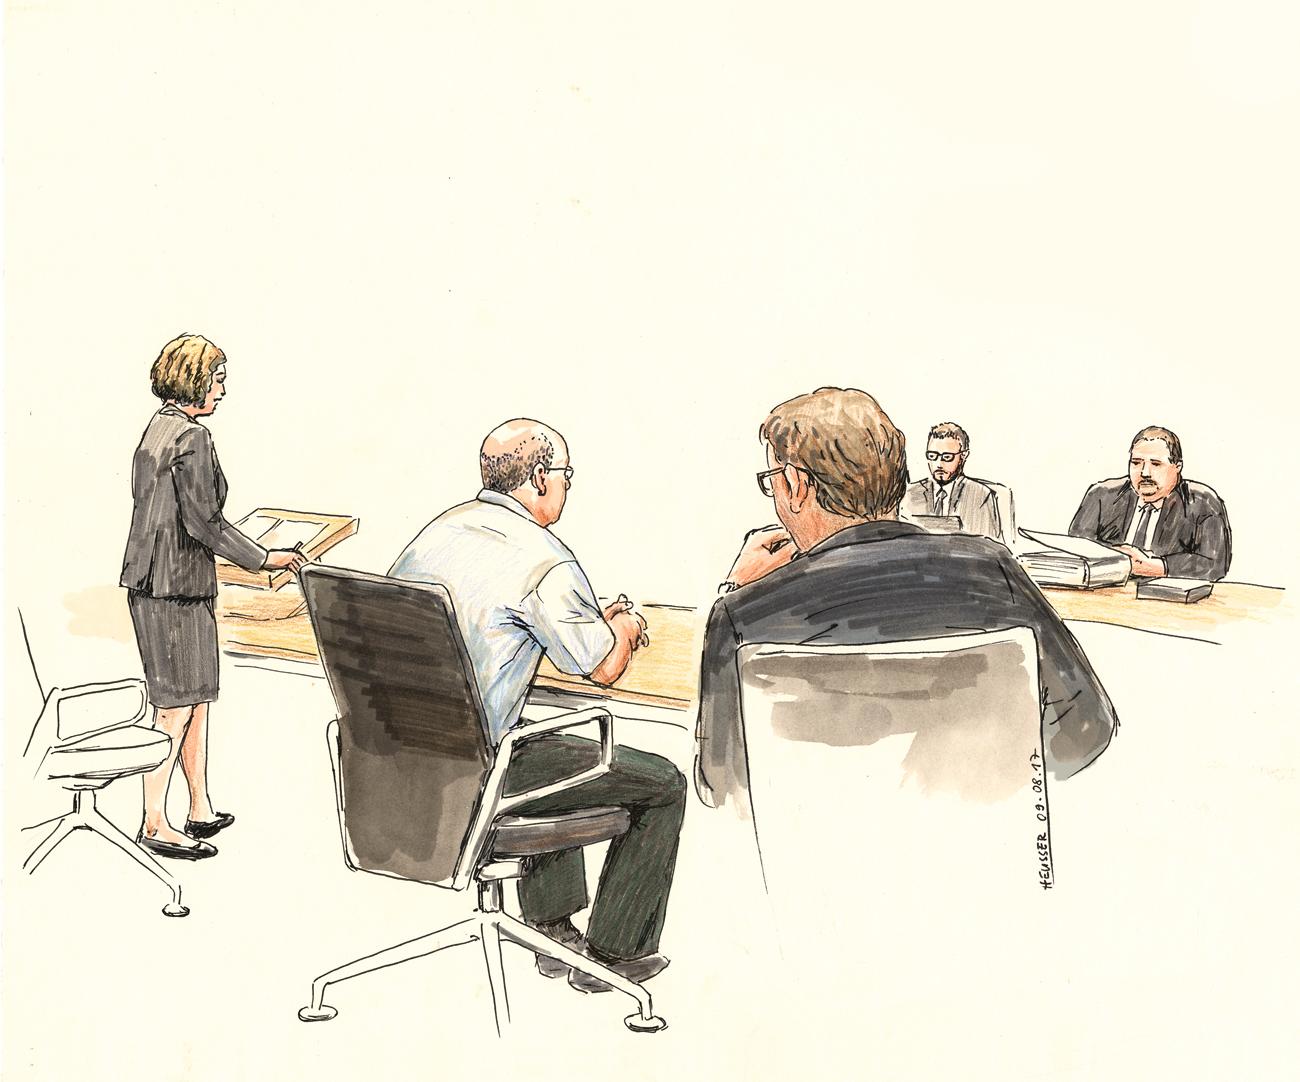 Angeklagter und Verteidiger sitzend, Staatsanwältin stehend